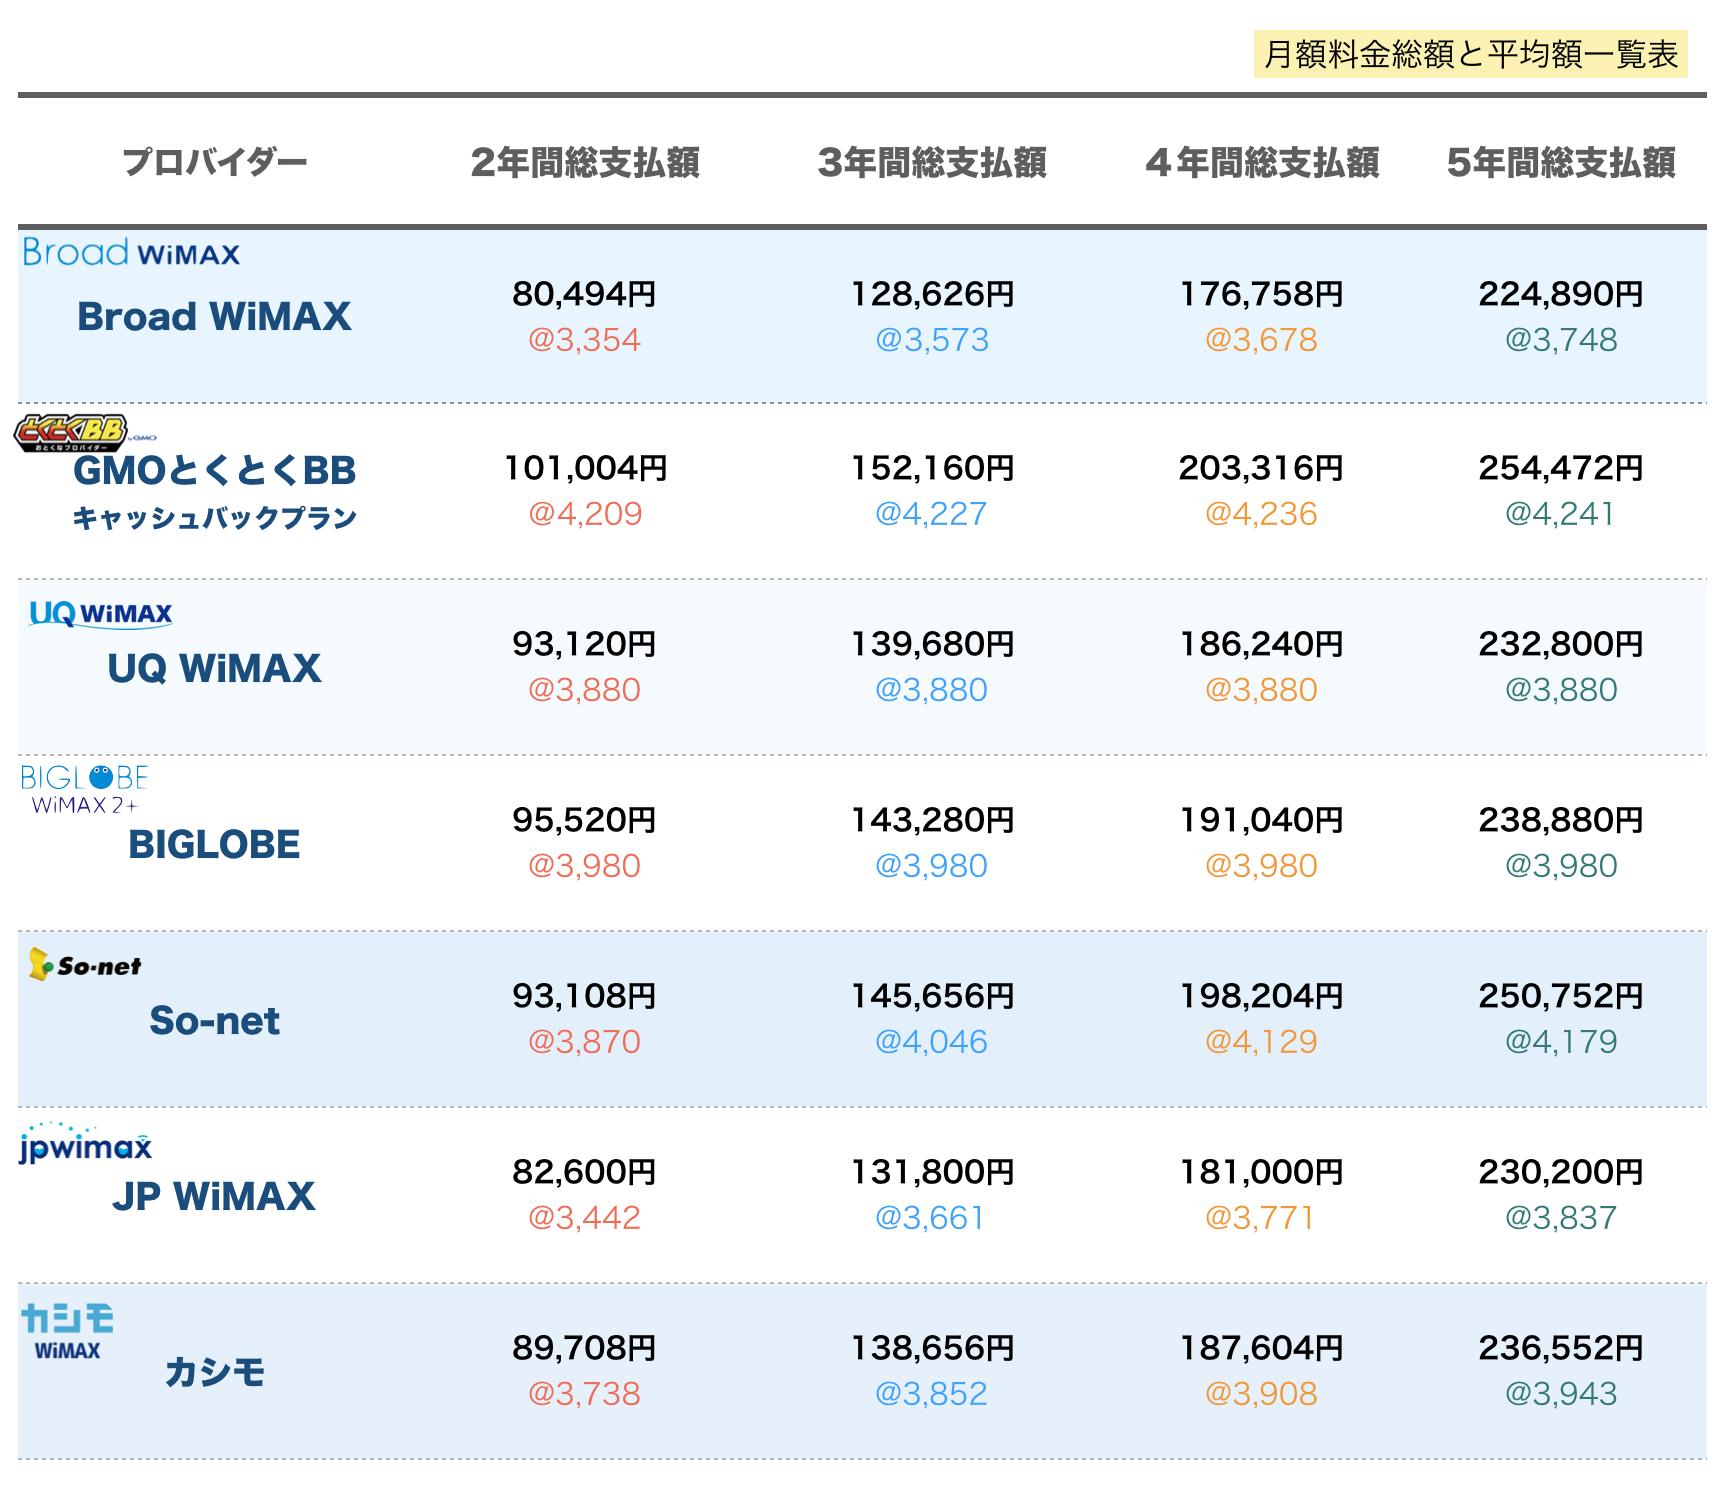 WiMAXキャンペーン比較と結果